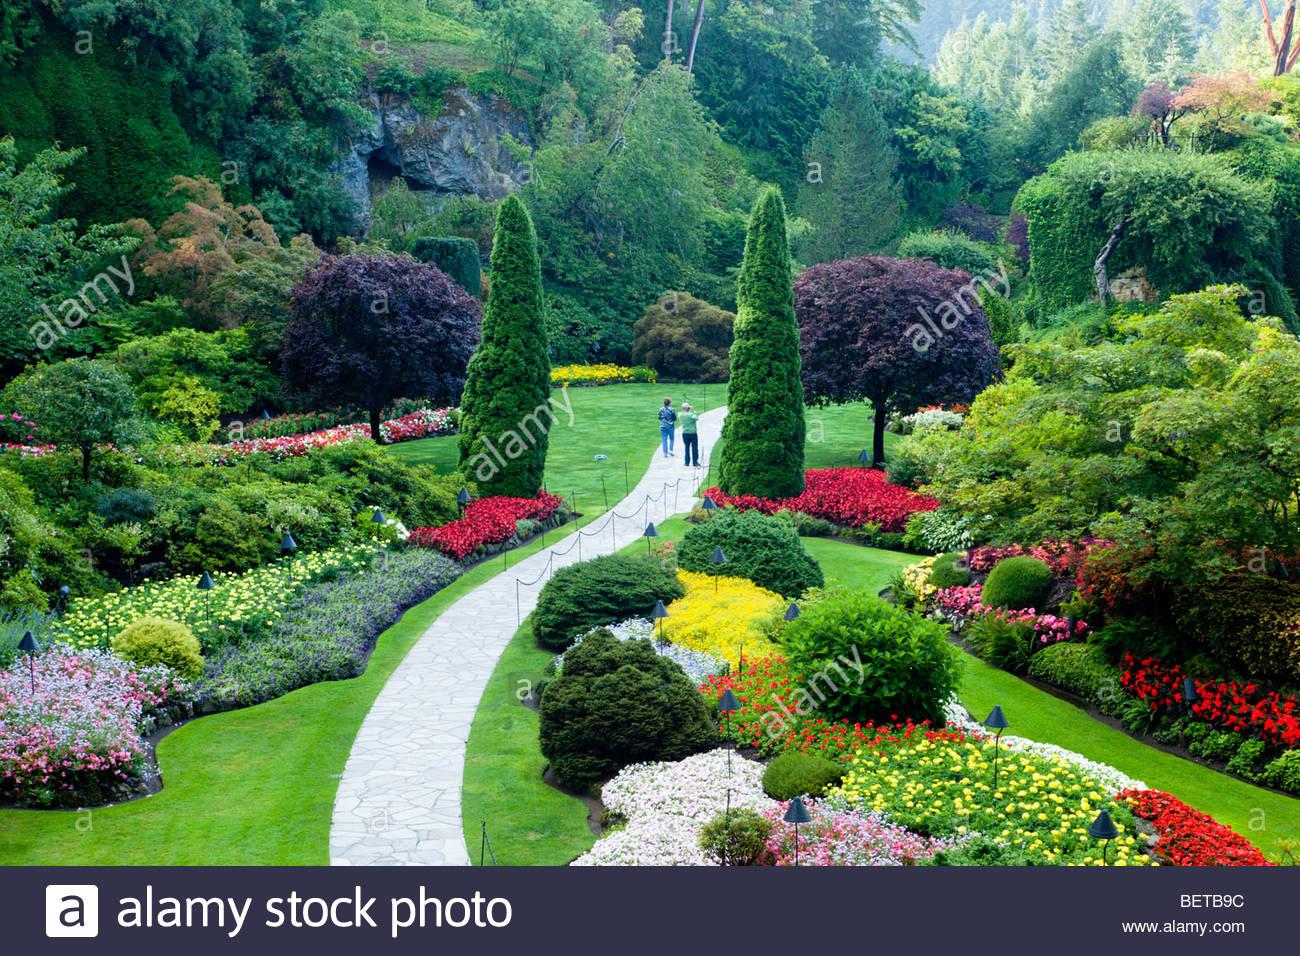 Jardin en contrebas au Butchart Gardens, Brentwood Bay, île de Vancouver, C.-B. Photo Stock